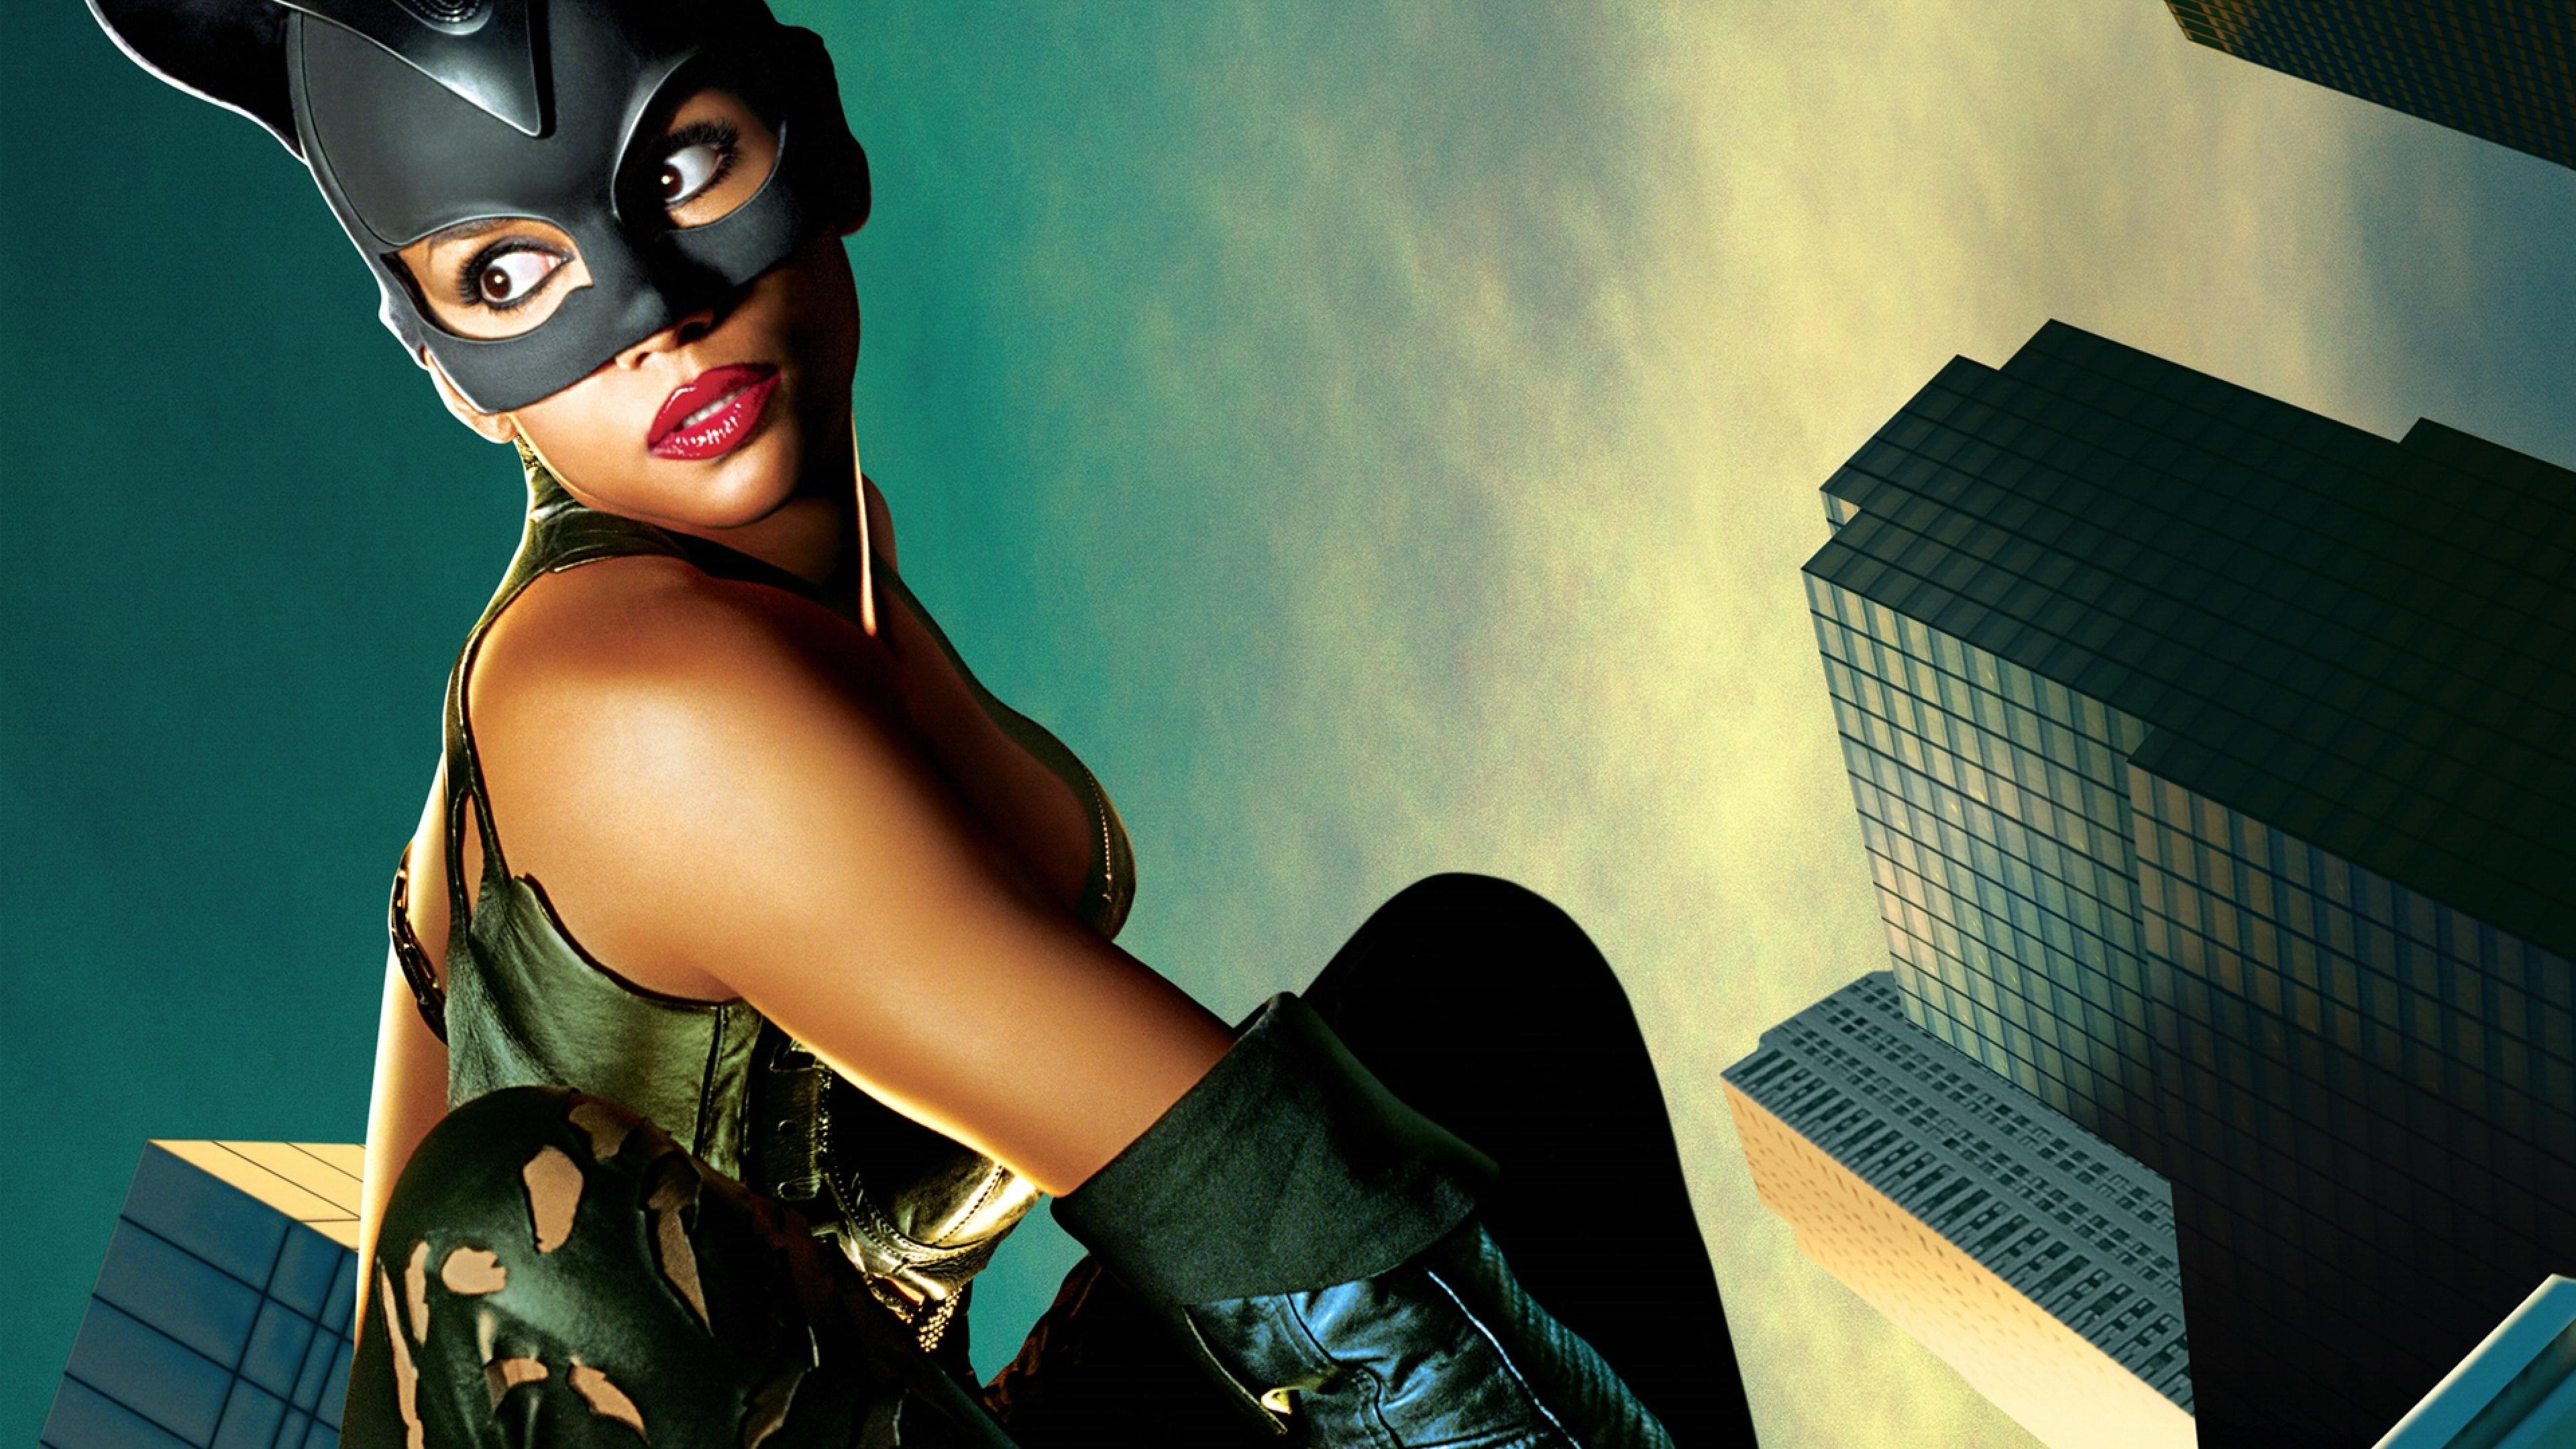 【電影背後】荷莉貝瑞:『 在每個成功的黑豹背後,都有一位更偉大的黑貓女!』